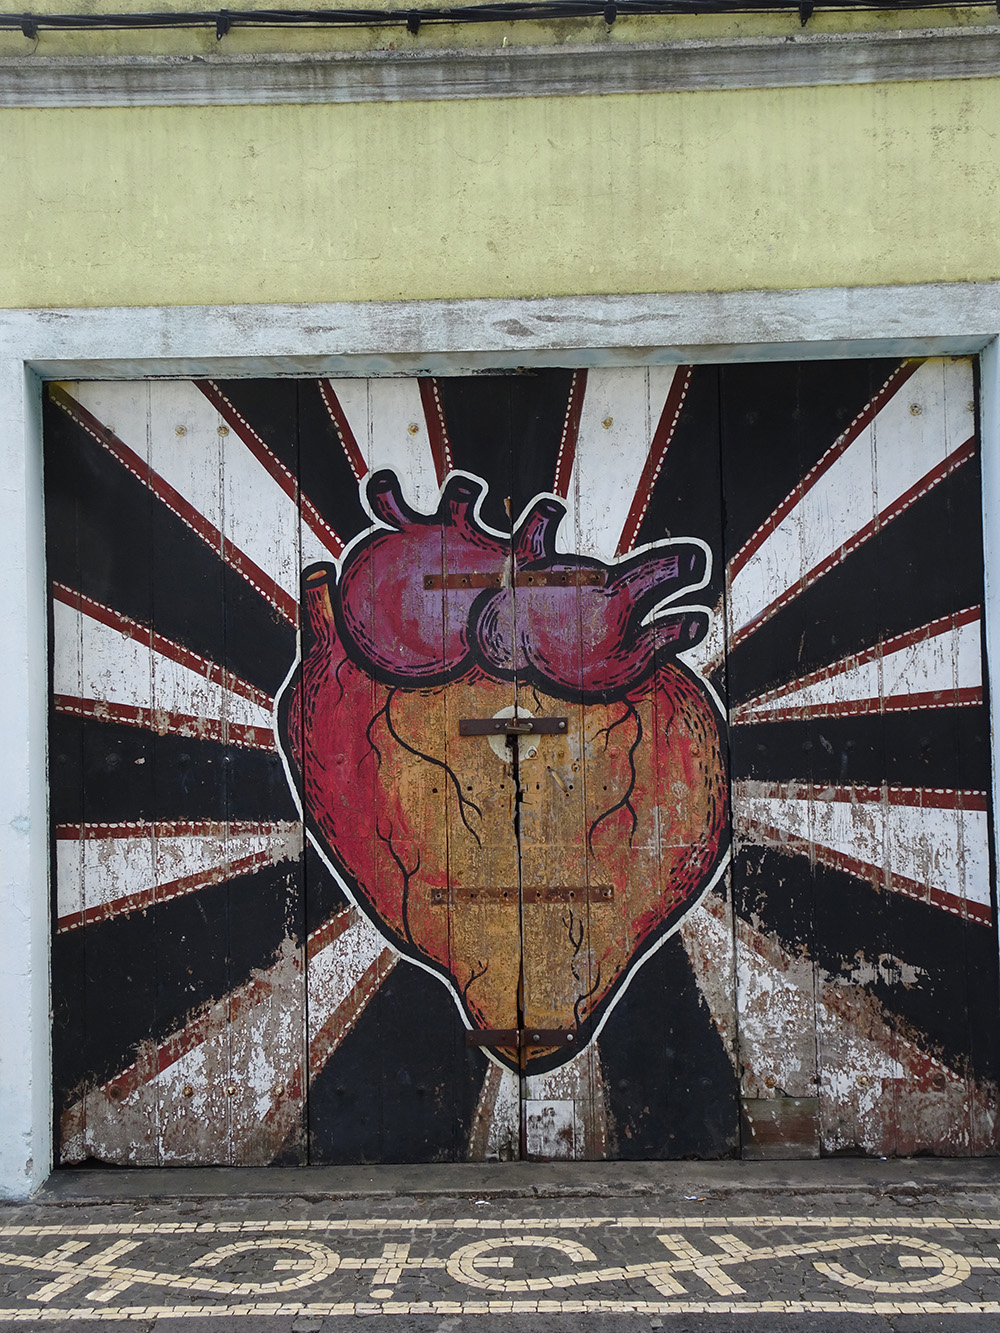 Streetart in Ponta Delgada